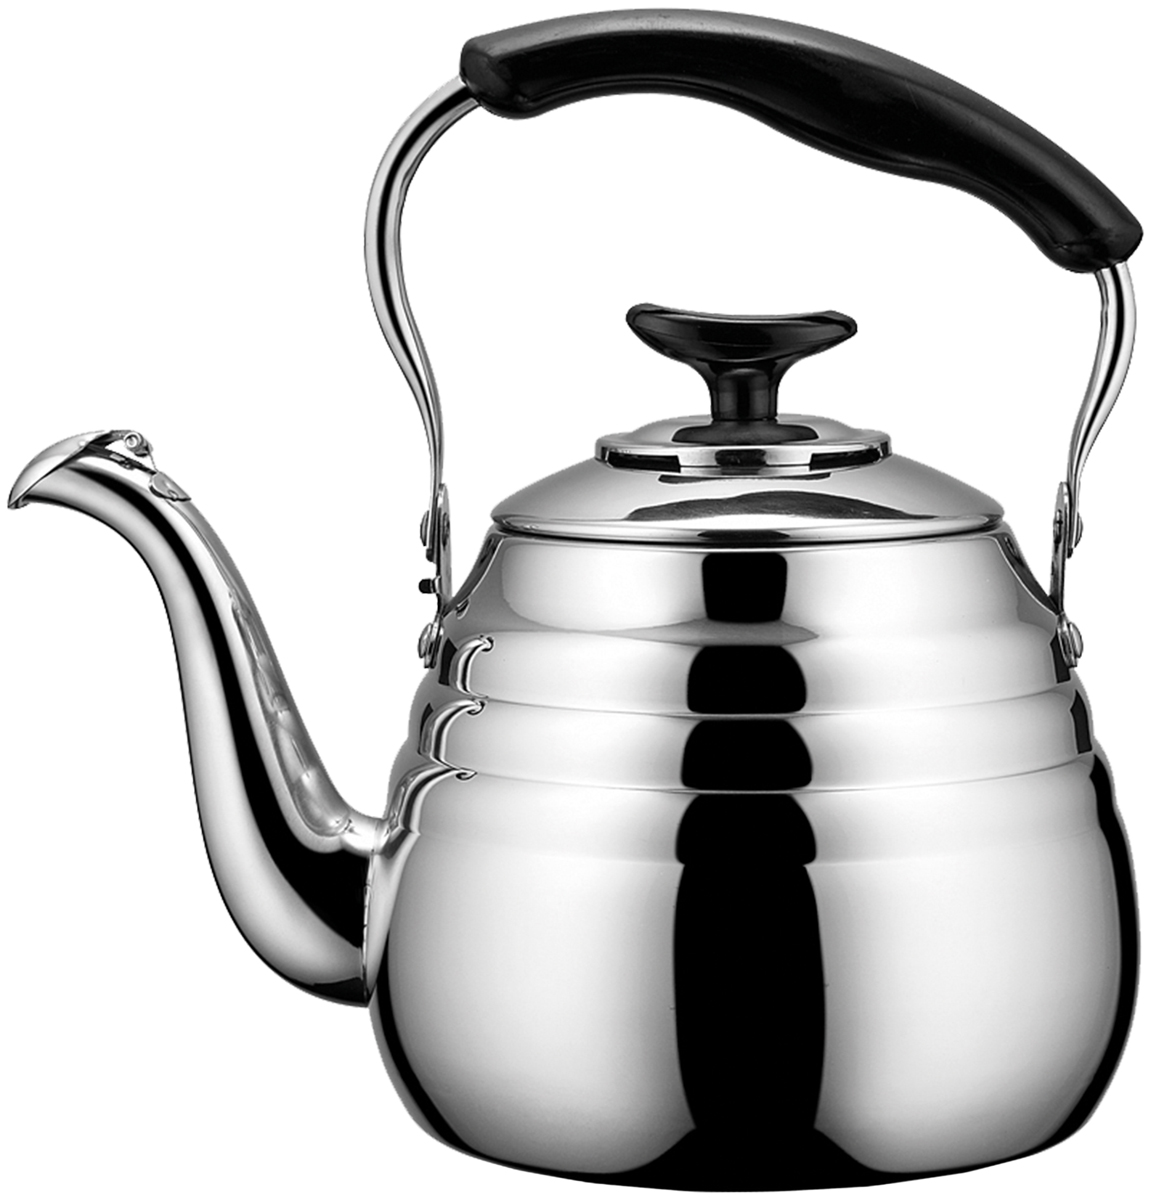 Чайник Fissman Deauville, со свистком, 1 л чайник fissman petite fleur для кипячения воды и заваривания чая 1 2 л